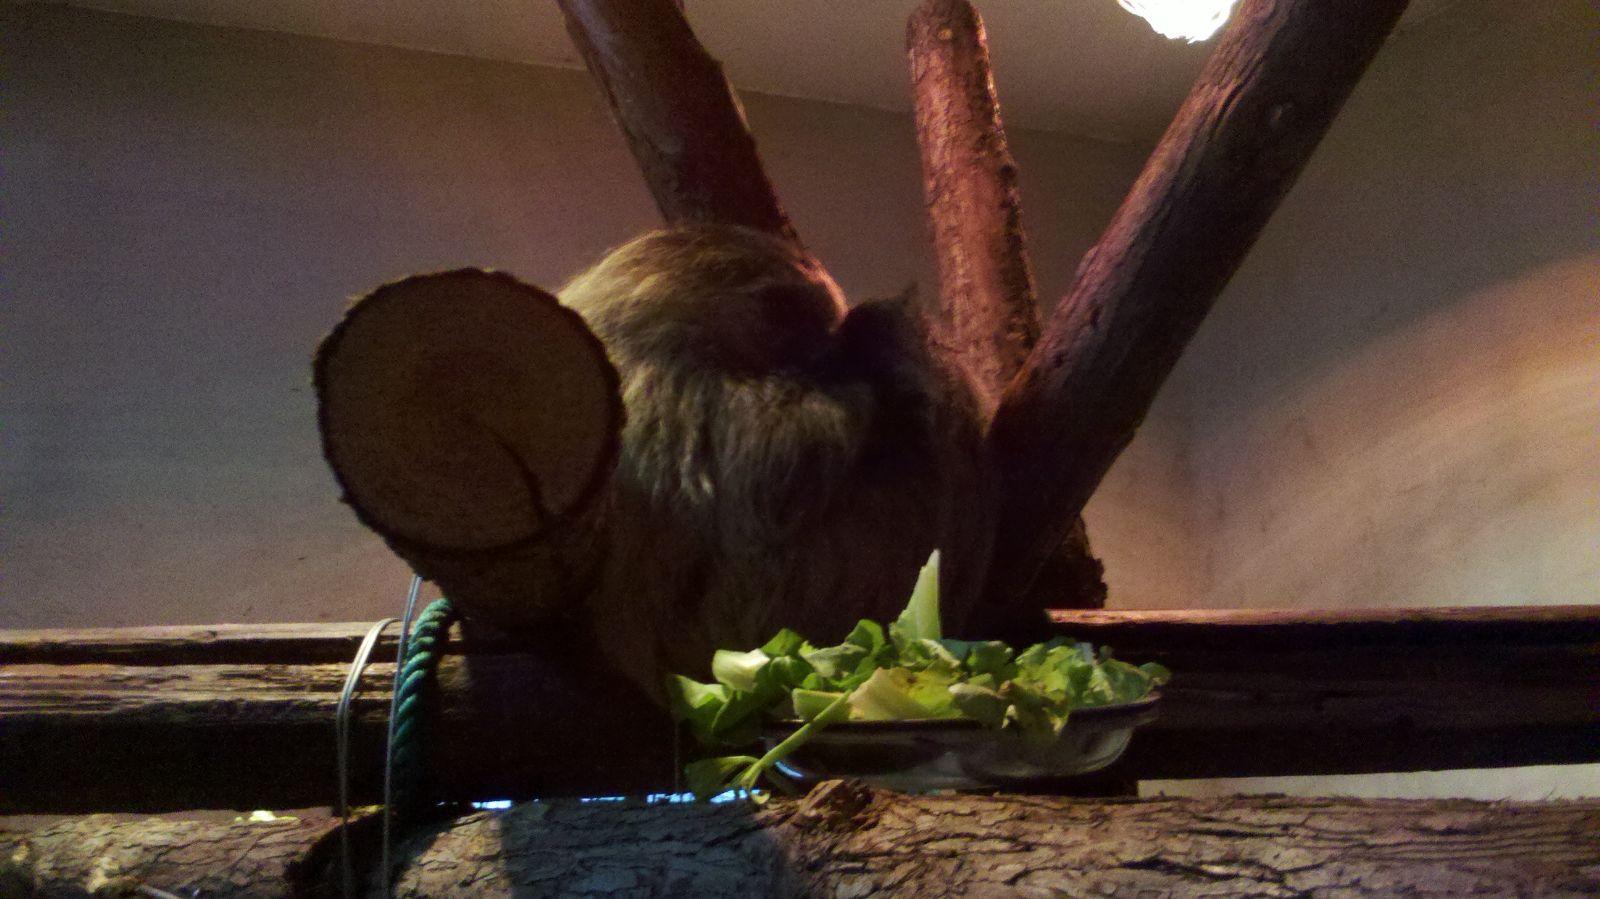 """上海动物园前一段时间从圭亚那引进的二趾树懒已完成检疫流程,经过相关部门批准,于11月14日在灵长三馆绒猴展区正式展出。由于树懒属于热带动物,所有特地为其安排在带有恒温功能的室内展出。从玻璃外墙看以将整个展区环境一览无余,展区内利用树杆架起了多个攀爬架供树懒活动玩耍。由于树懒喜欢栖息在树上的特性,展区的环境也尽可能地模拟出树懒熟悉的热带森林的特征,树叶、泥土、温度都力求与原住环境相近,减少其初来动物园的不适应感。 第一次见到树懒的人,常常把它和树袋熊,也就是我们俗称的""""考拉""""混为一谈"""